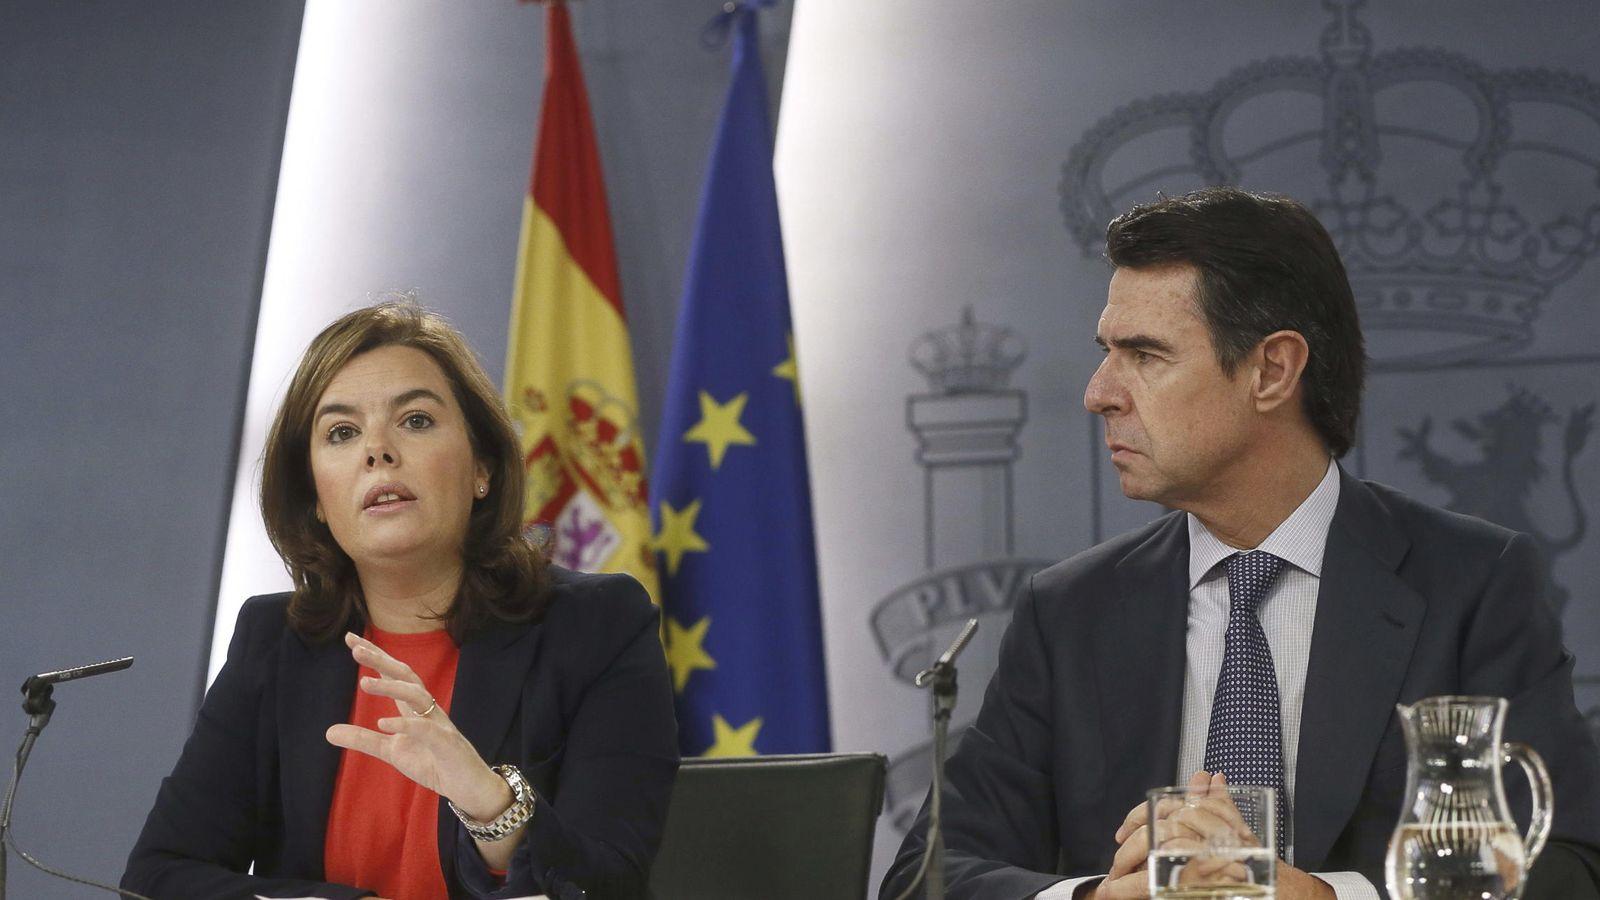 Foto: La vicepresidenta, Soraya Sáenz de Santamaría, y el ministro de Industria, José Manuel Soria (EFE).